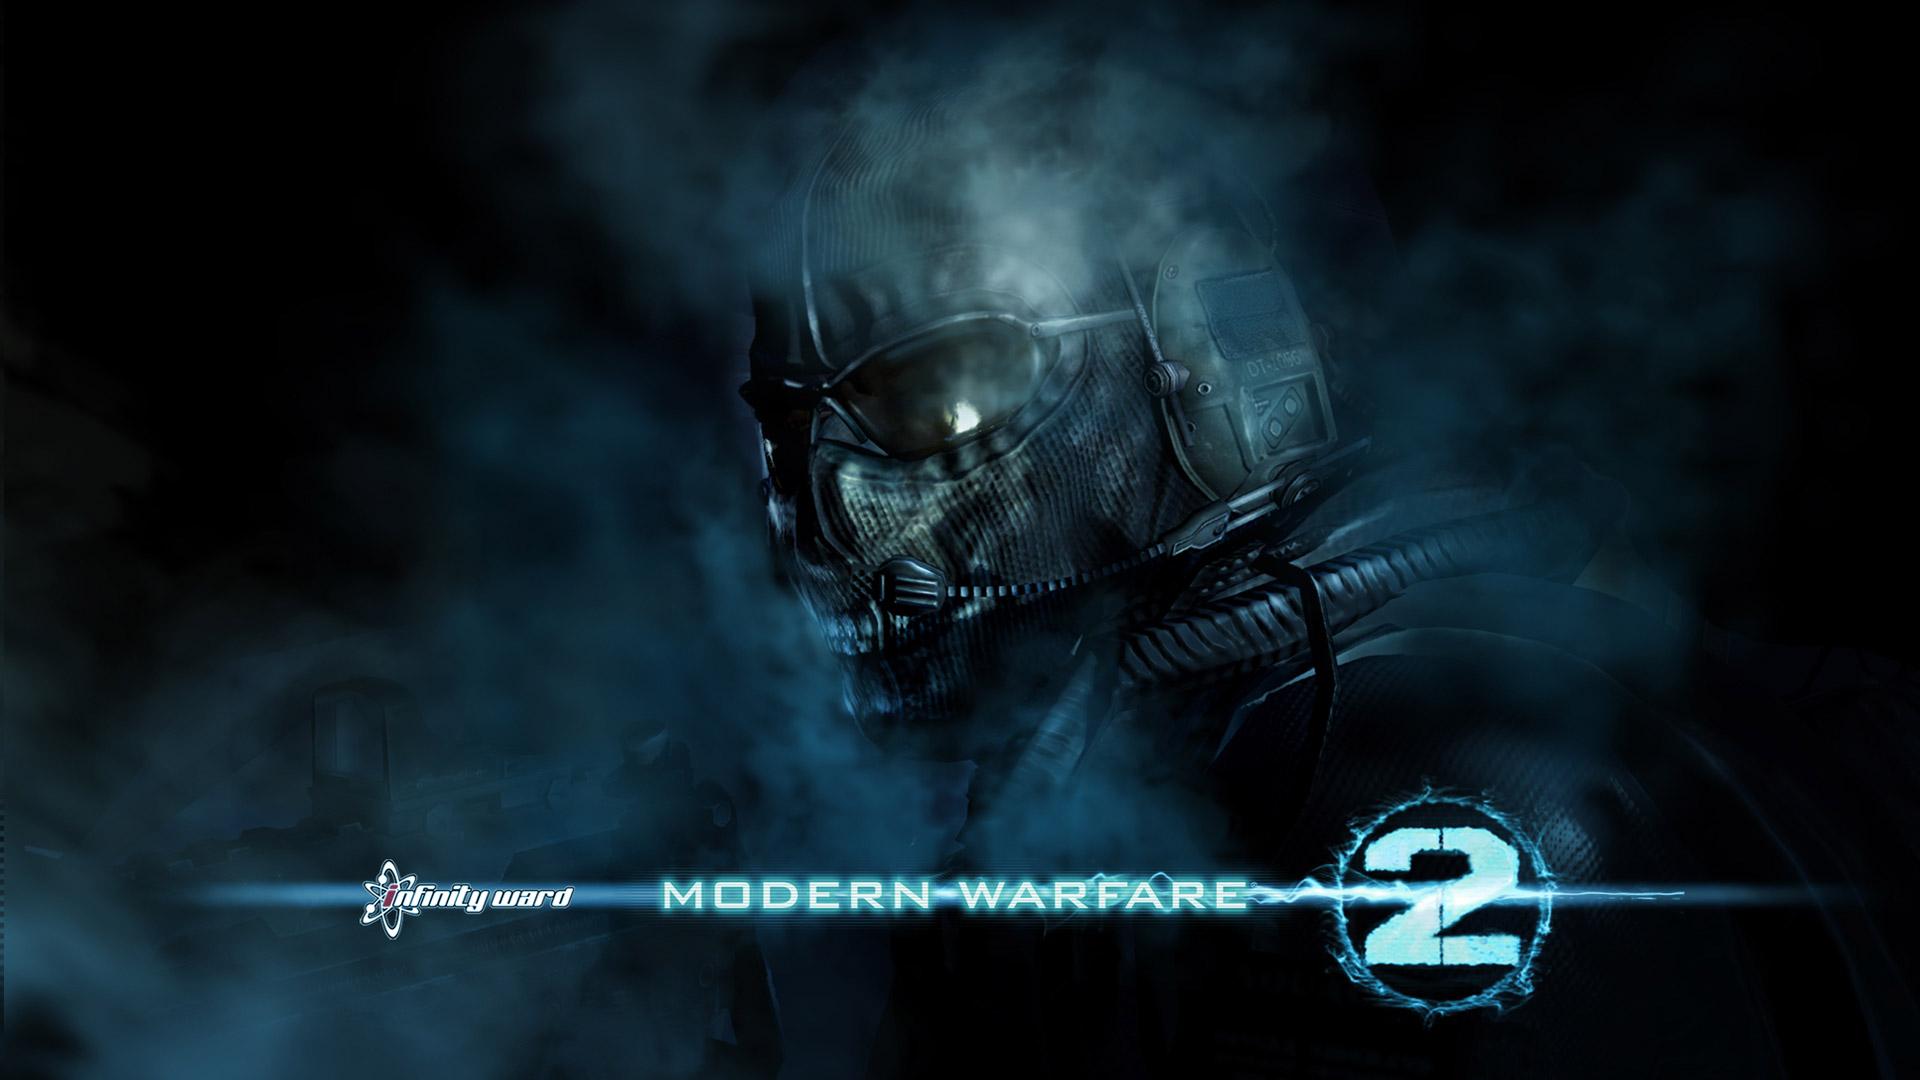 Call of Duty: Modern Warfare 2 Wallpaper in 1920x1080